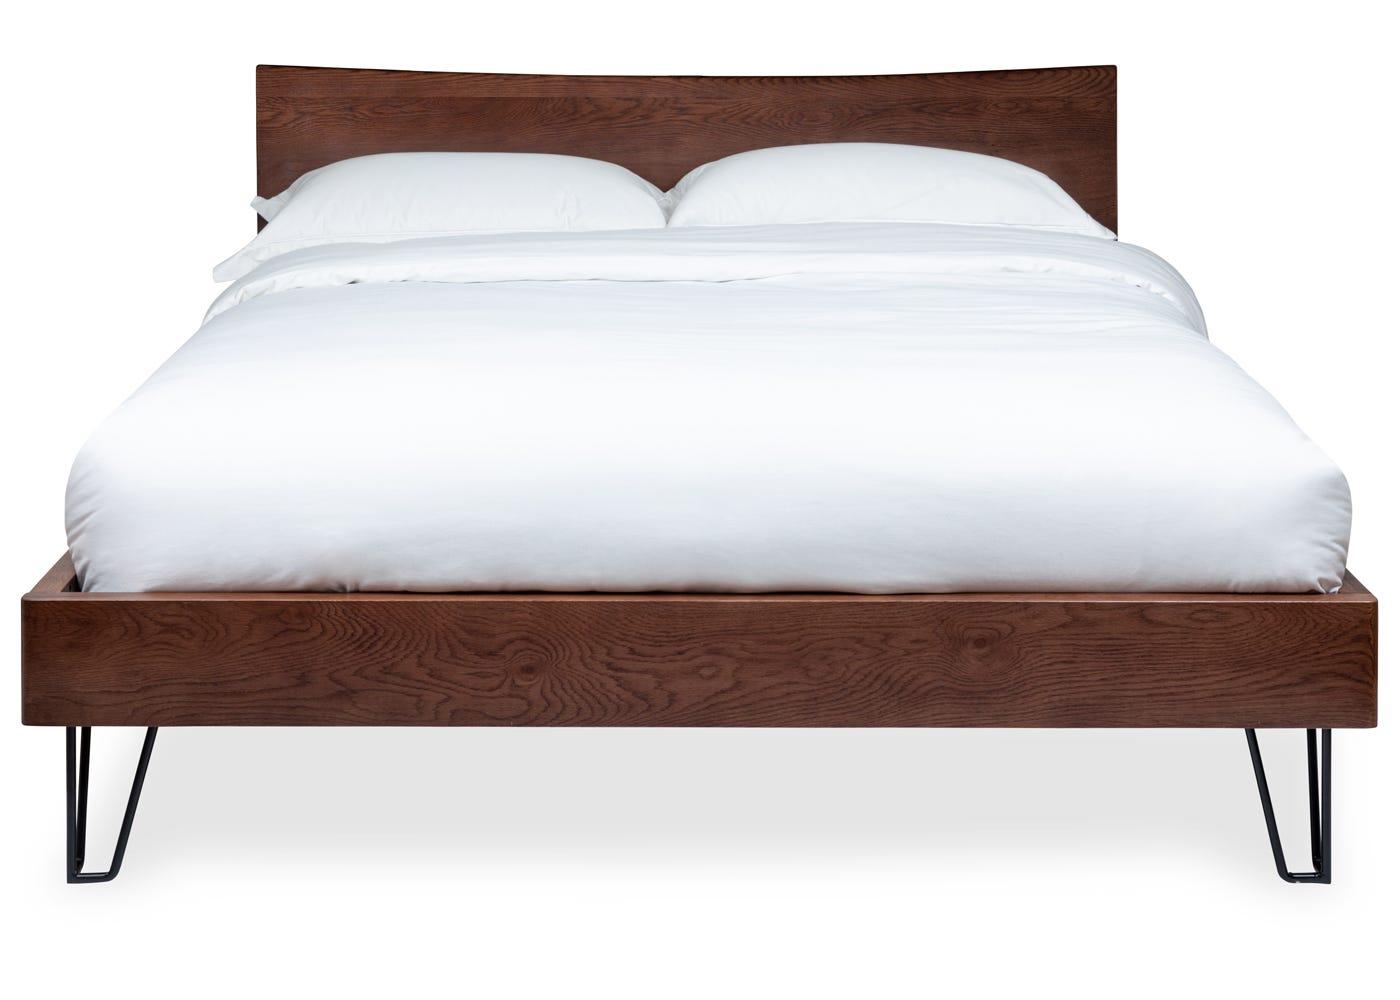 Brunel Bed with Oak Headboard King Dark Wood - Front profile.